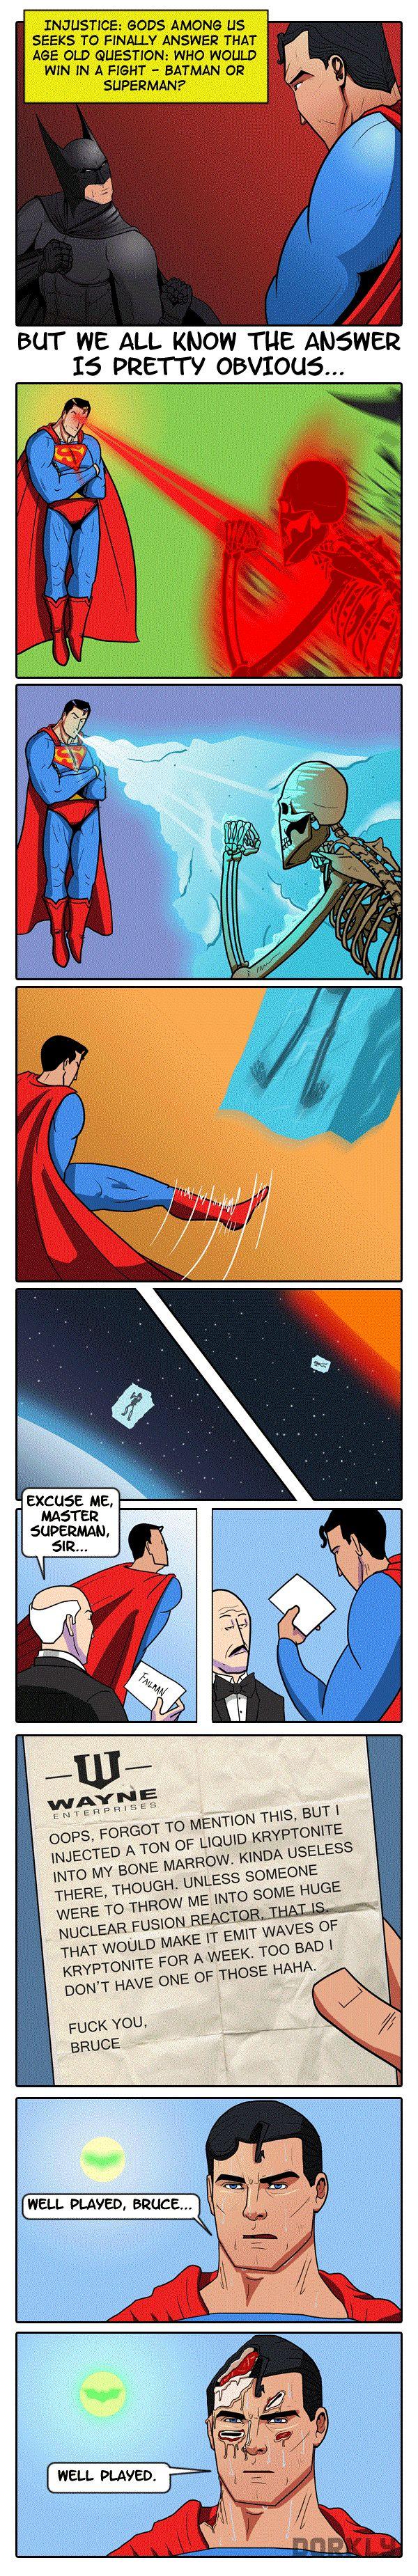 Chiroptera-man vs superman